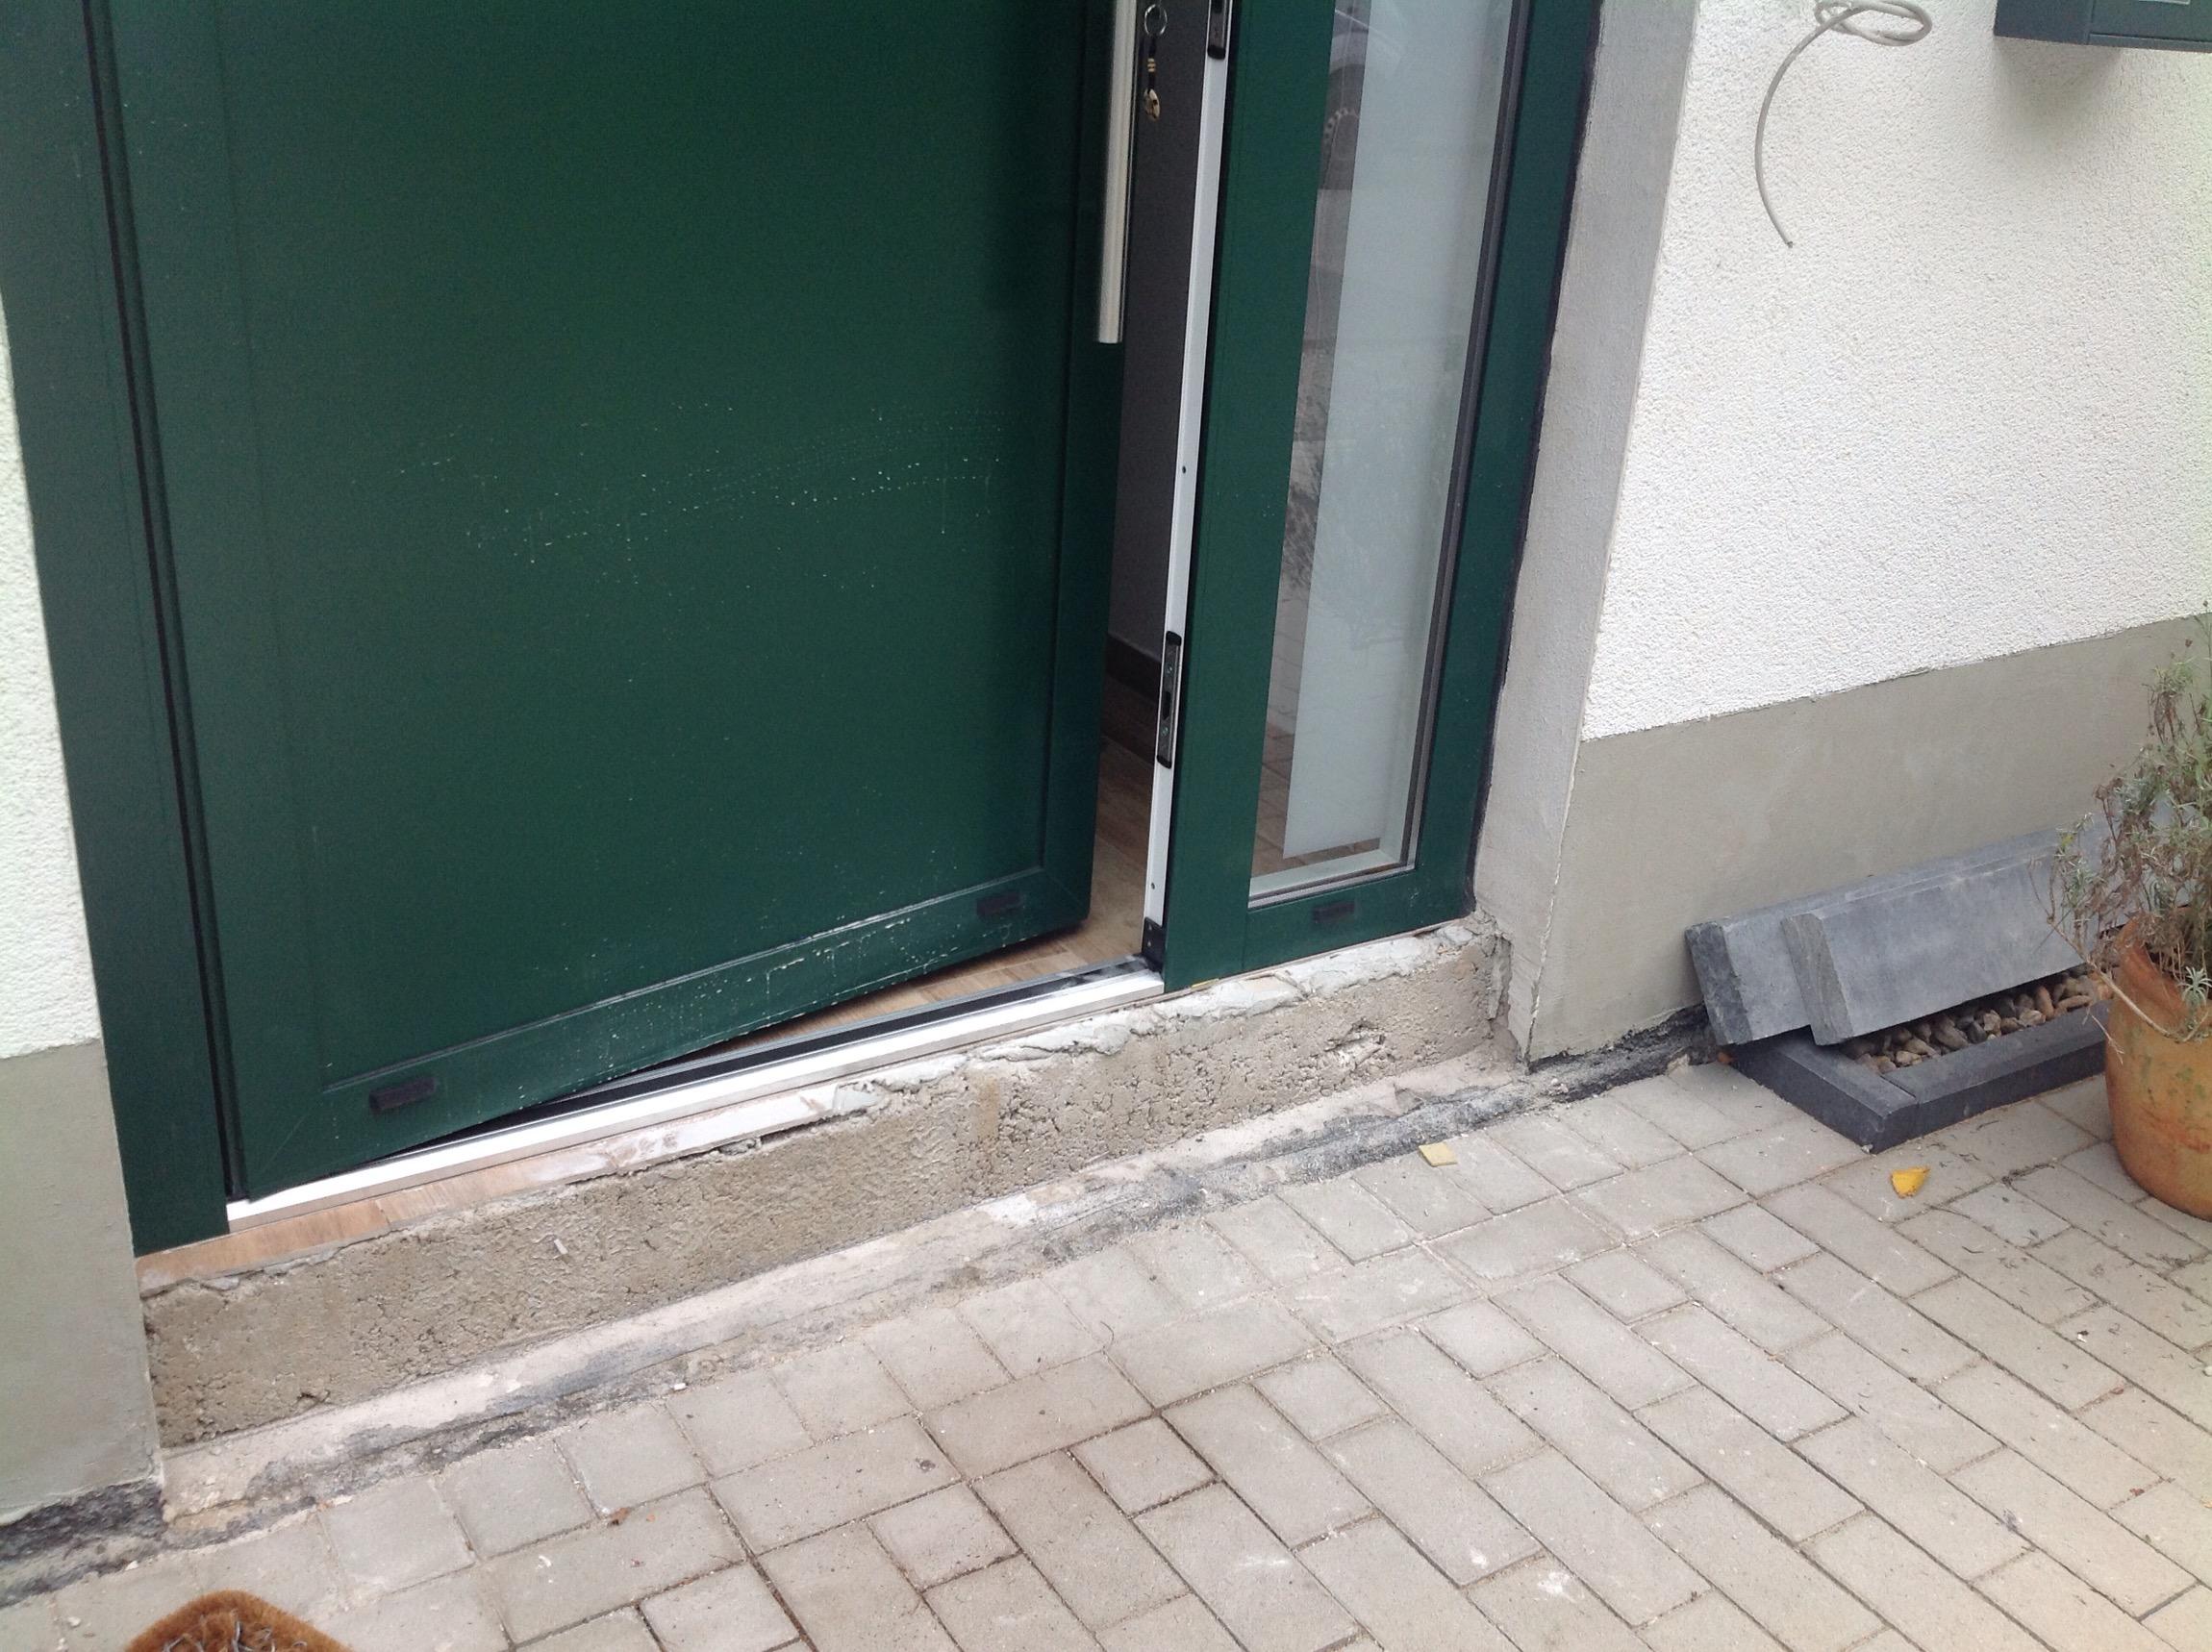 Hausbautagebuch Oder Nestbau In Essen | Neubau Einer